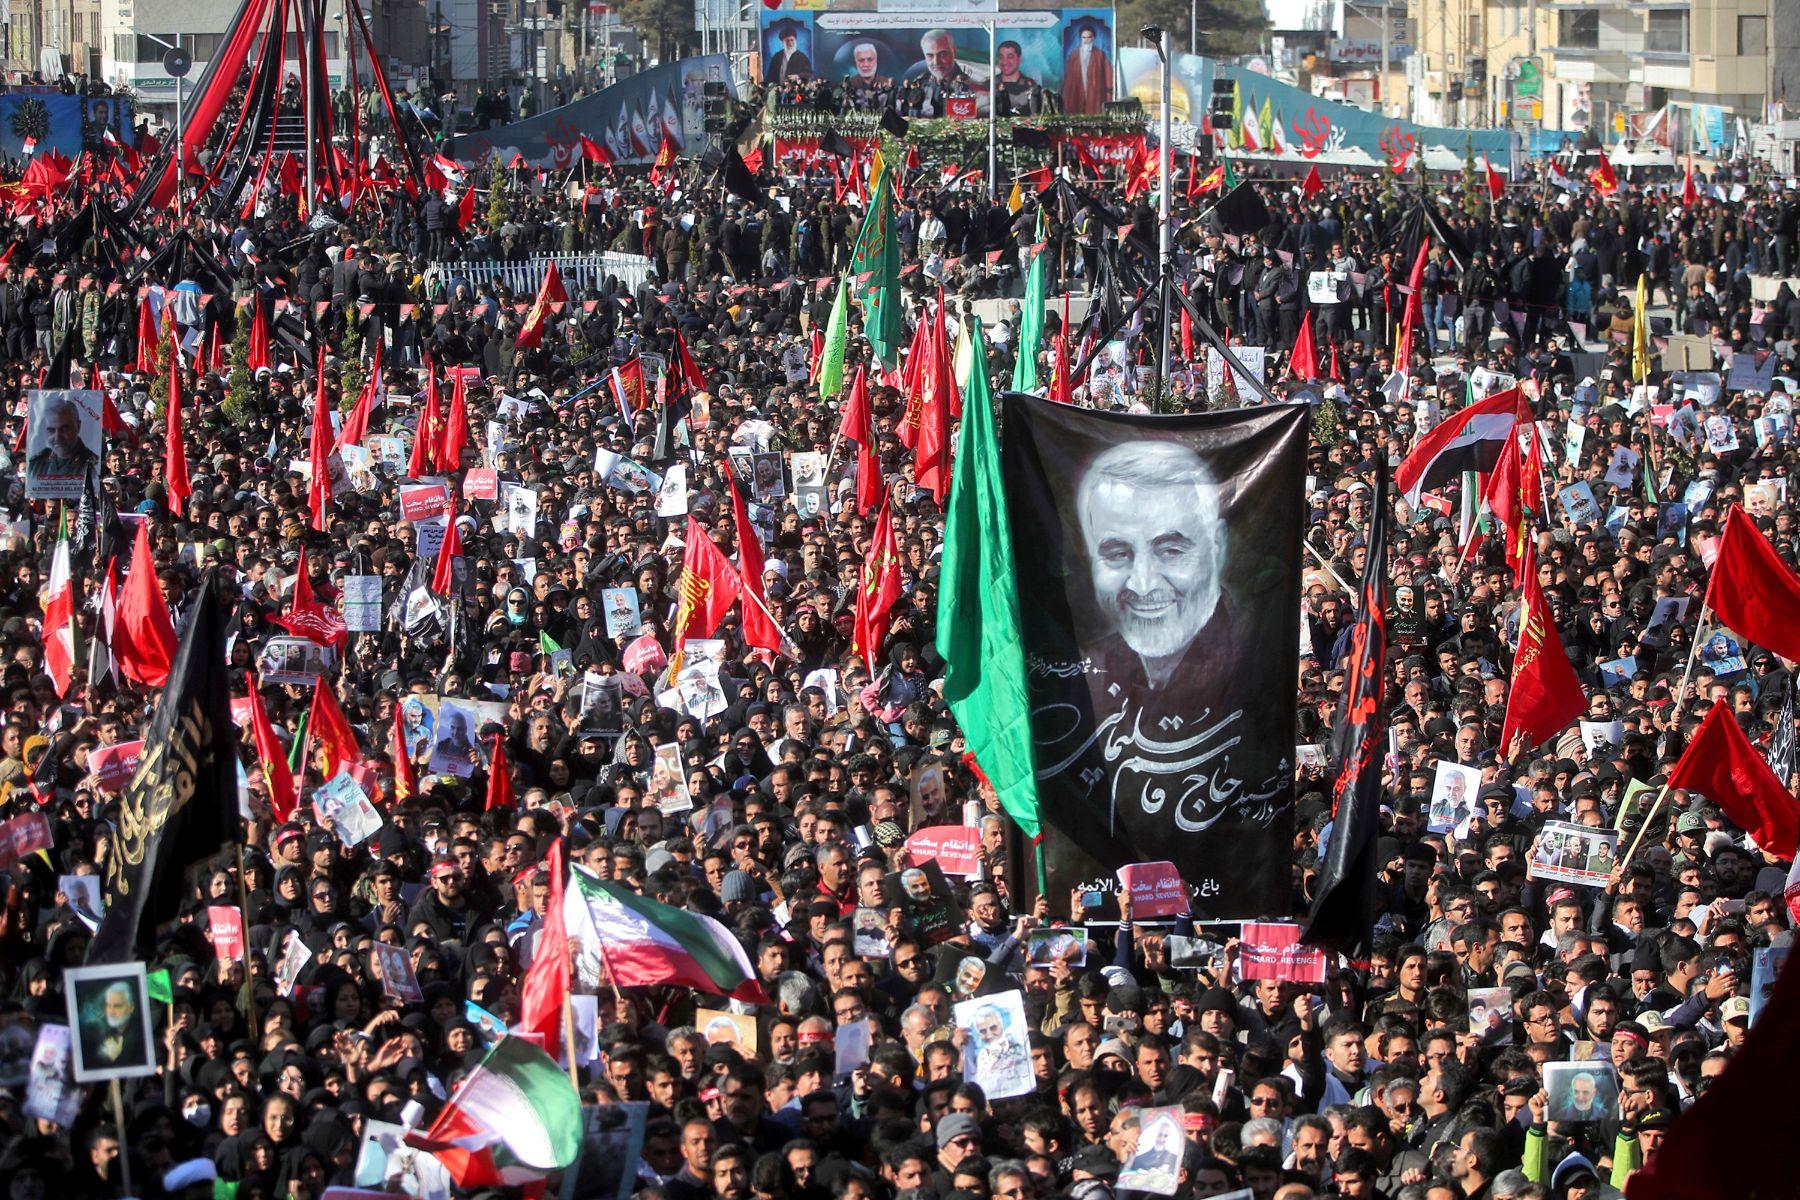 Η Αντίσταση κουρελιάζει την αυτοκρατορική αλαζονεία